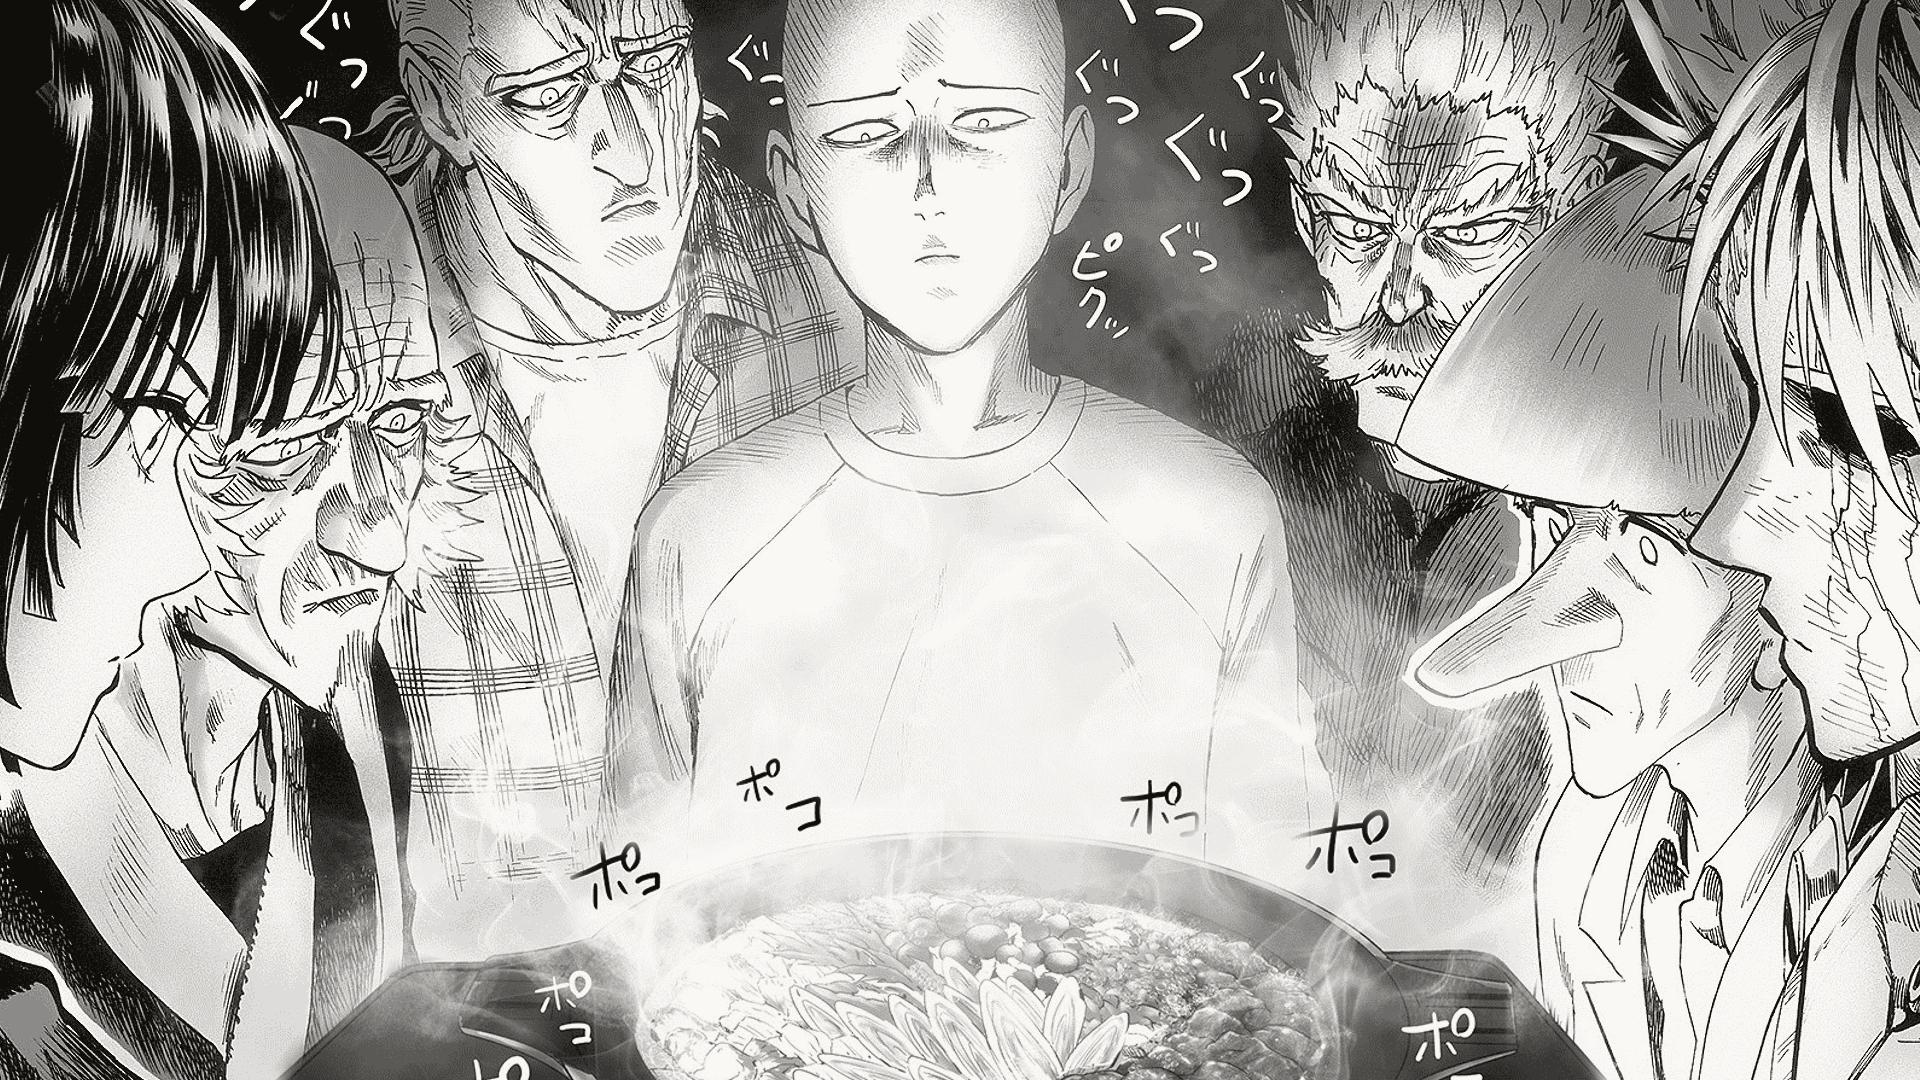 Wallpaper One Punch Man Saitama Genos King One Punch